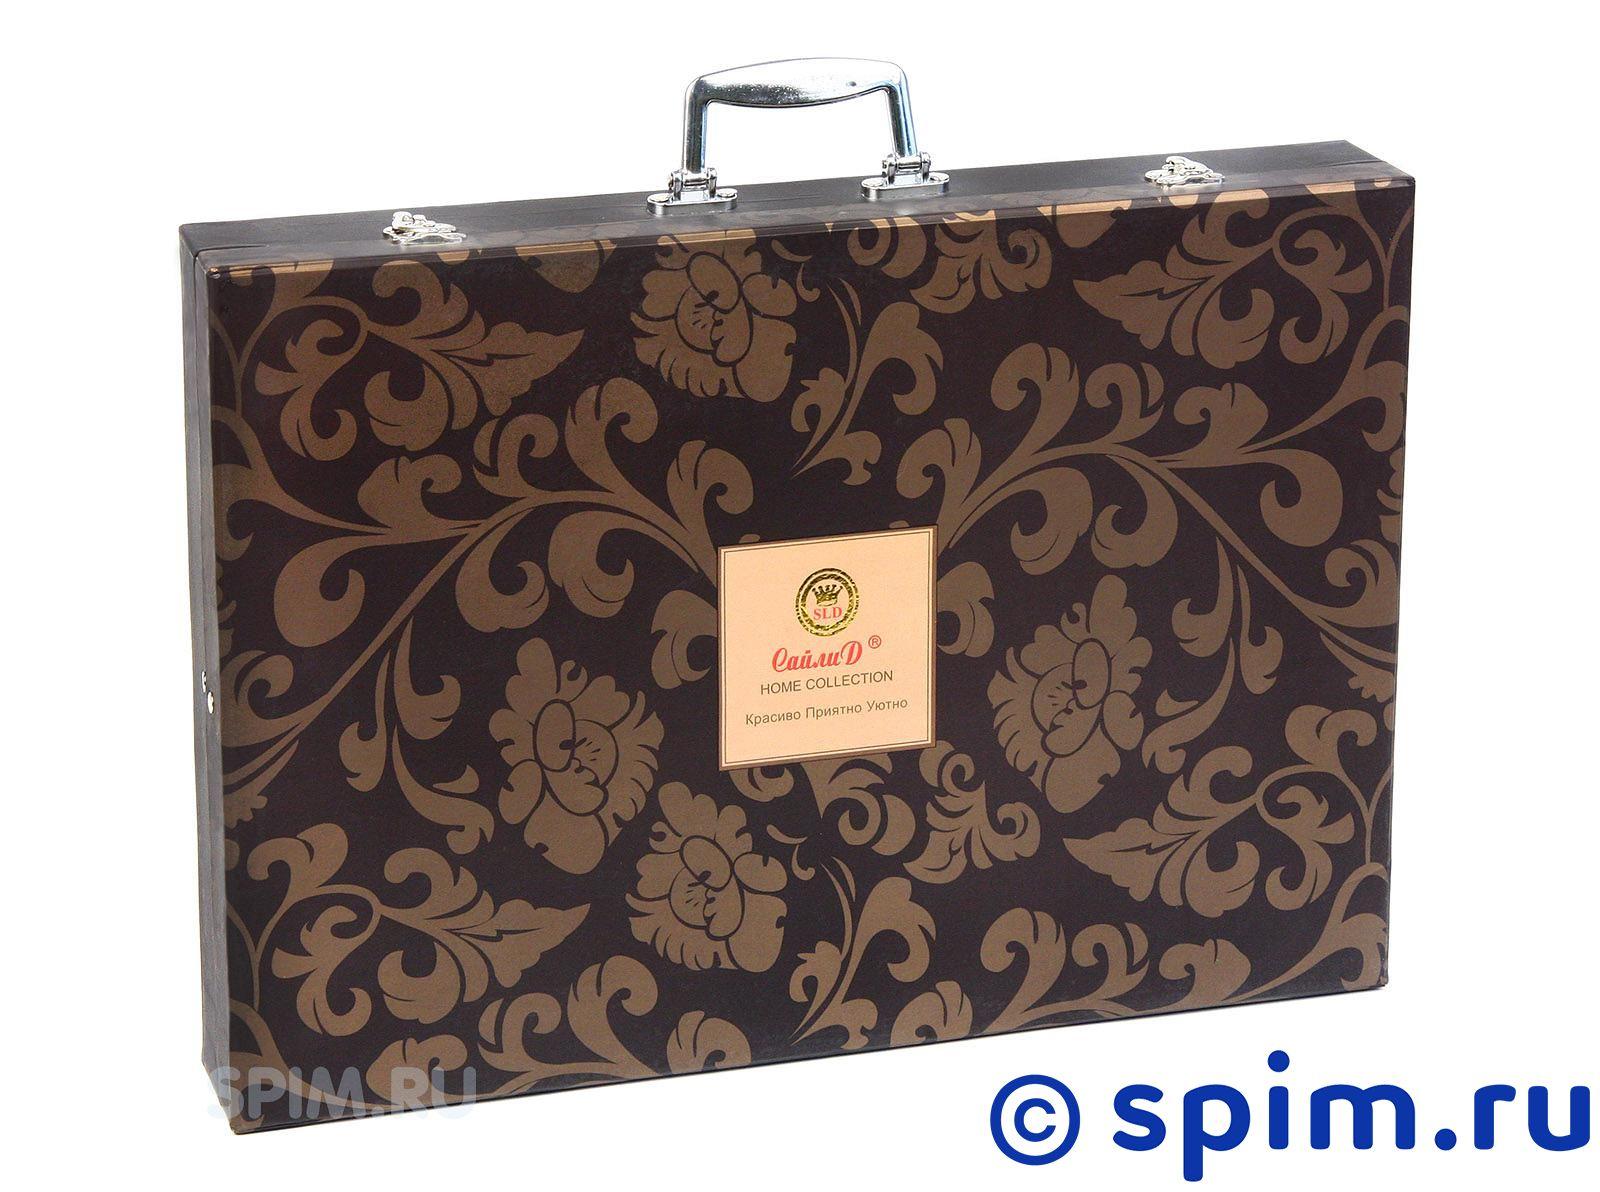 Постельное белье СайлиД К11 Евро-стандарт от spim.ru